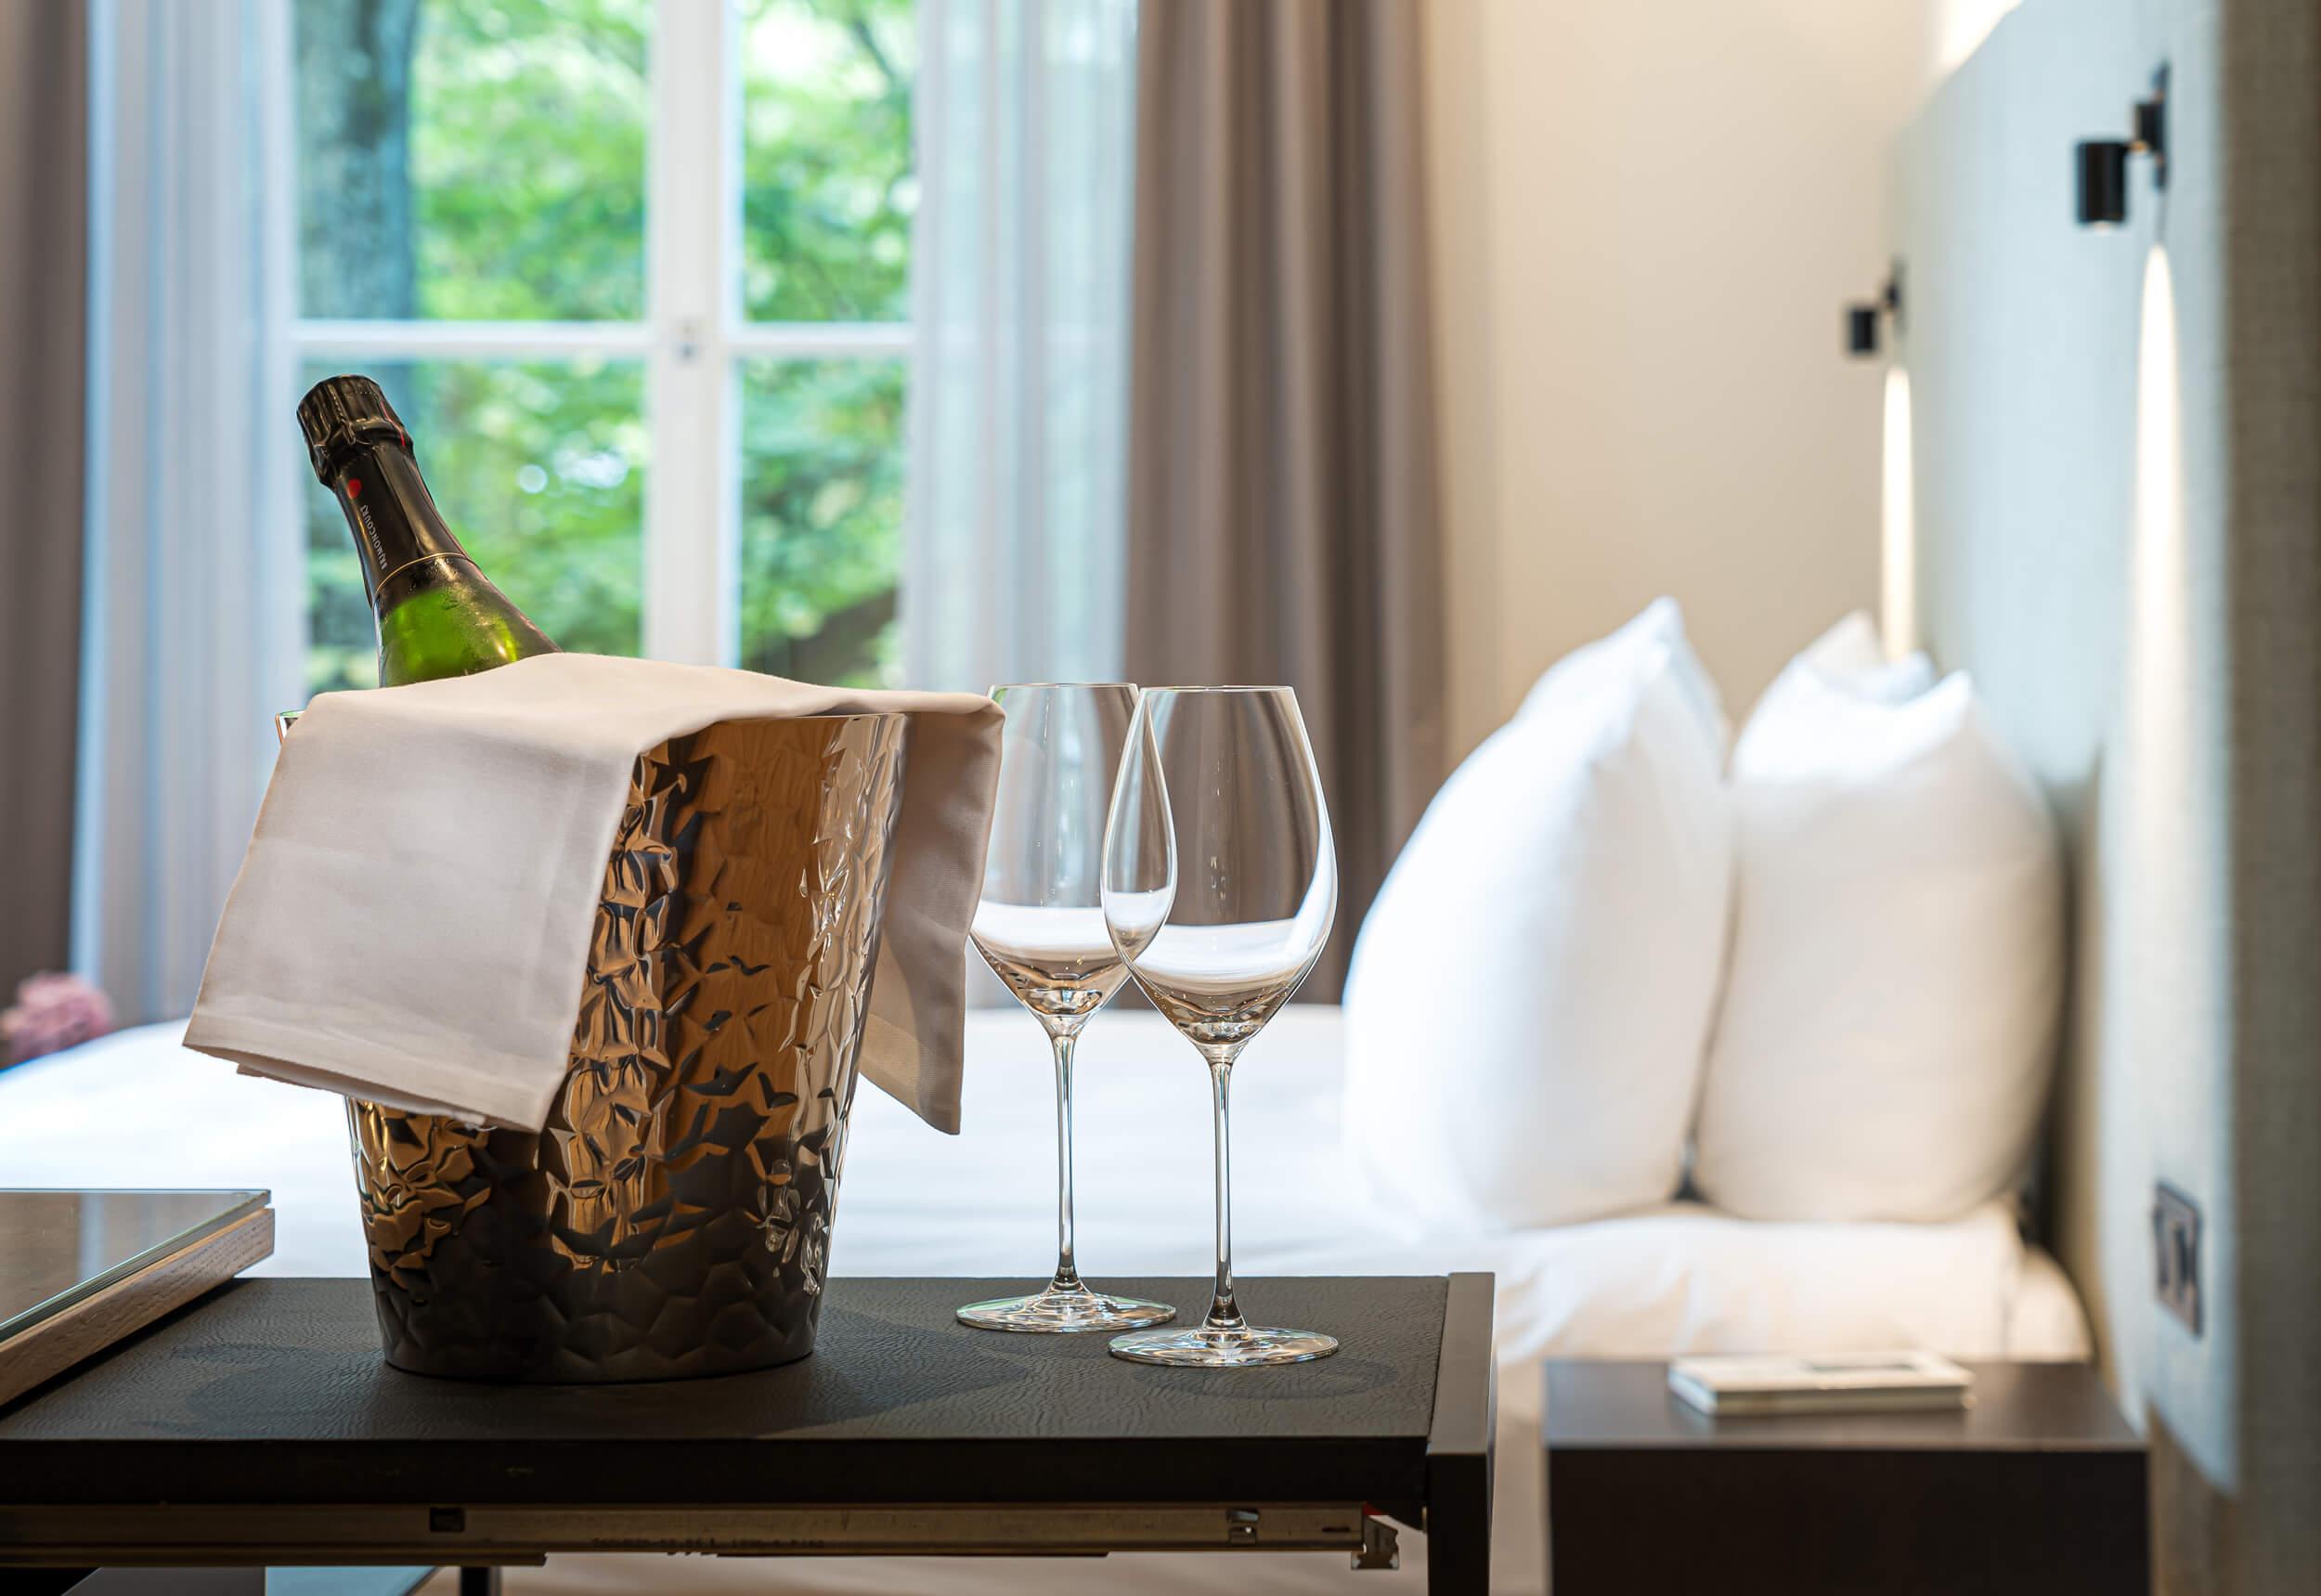 Hotelzimmer mit Champagner und Wein. Es zeigt im Vordergrund eine gekühlte Flasche Champagner mit zwei Weinglaesern auf einer dunklen Ablage. Im Hintergrund ist das Hotelzimmer unscharf zu sehen mit einem grossen Fenster mit Blick ins Gruene links im Hintergrund und einem Doppelbett davor mit Kissen auf der rechten Seite. Die Datei ist ein Foto im JPEG-Format.